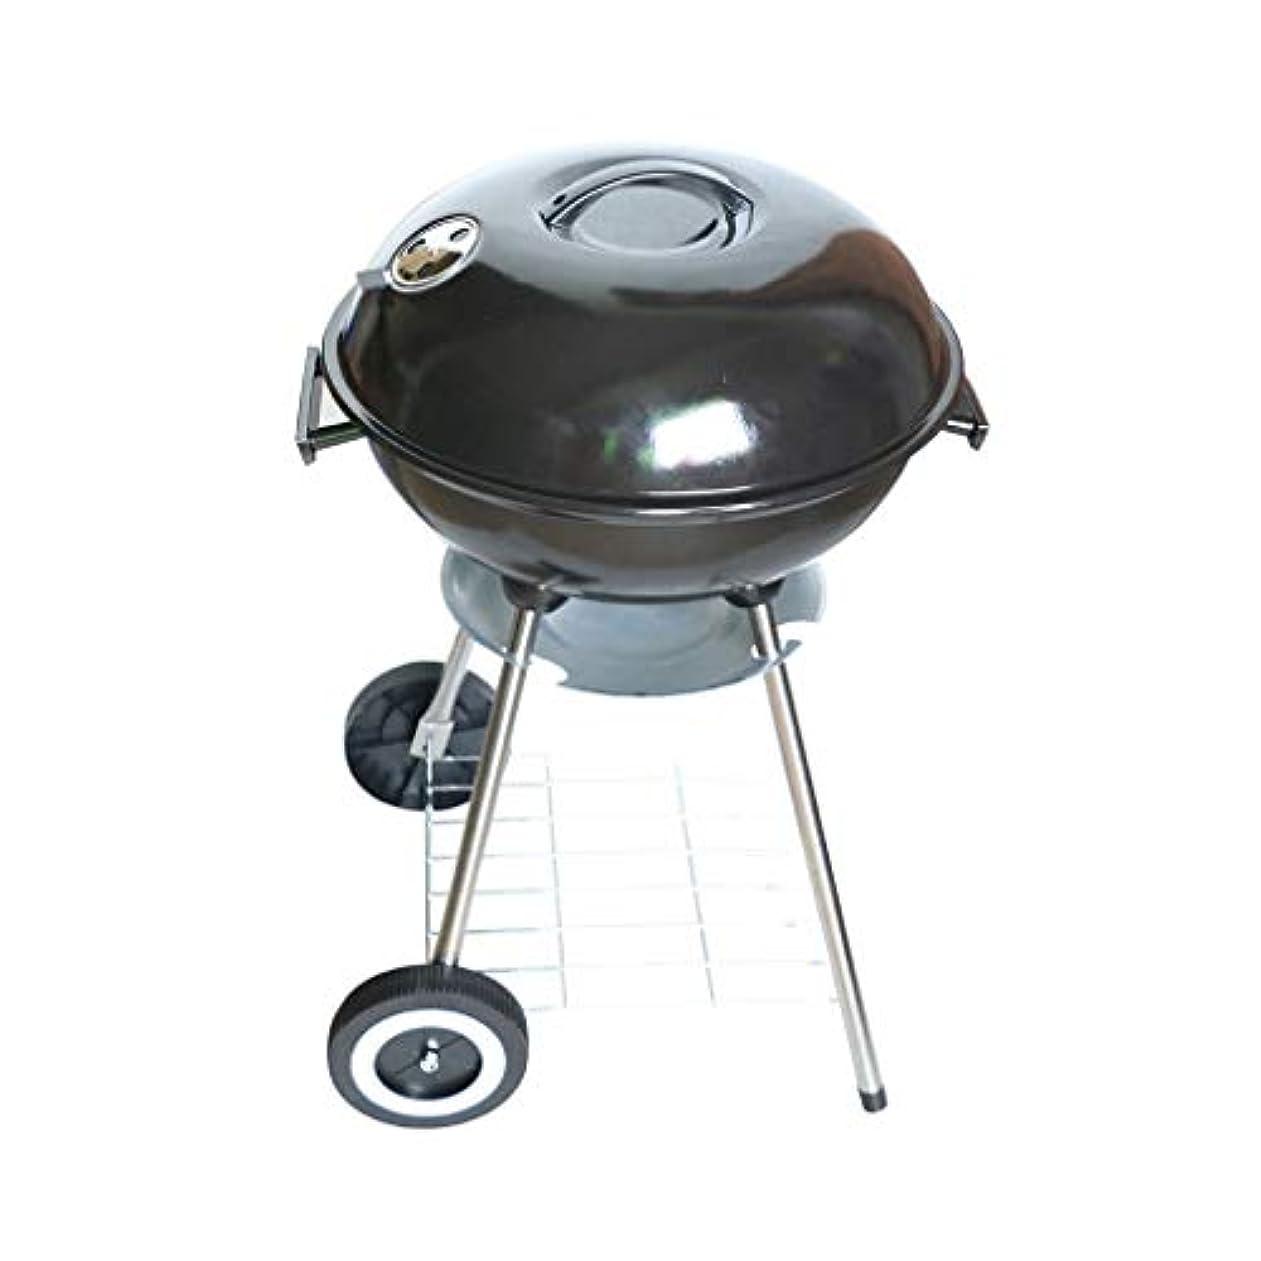 怠な真空キャンバスSN BBQグリル 焚火台, 丸型 軽量 焼肉 BBQ 網 炭火 鉄板 アウトドア愛好者のプレゼント